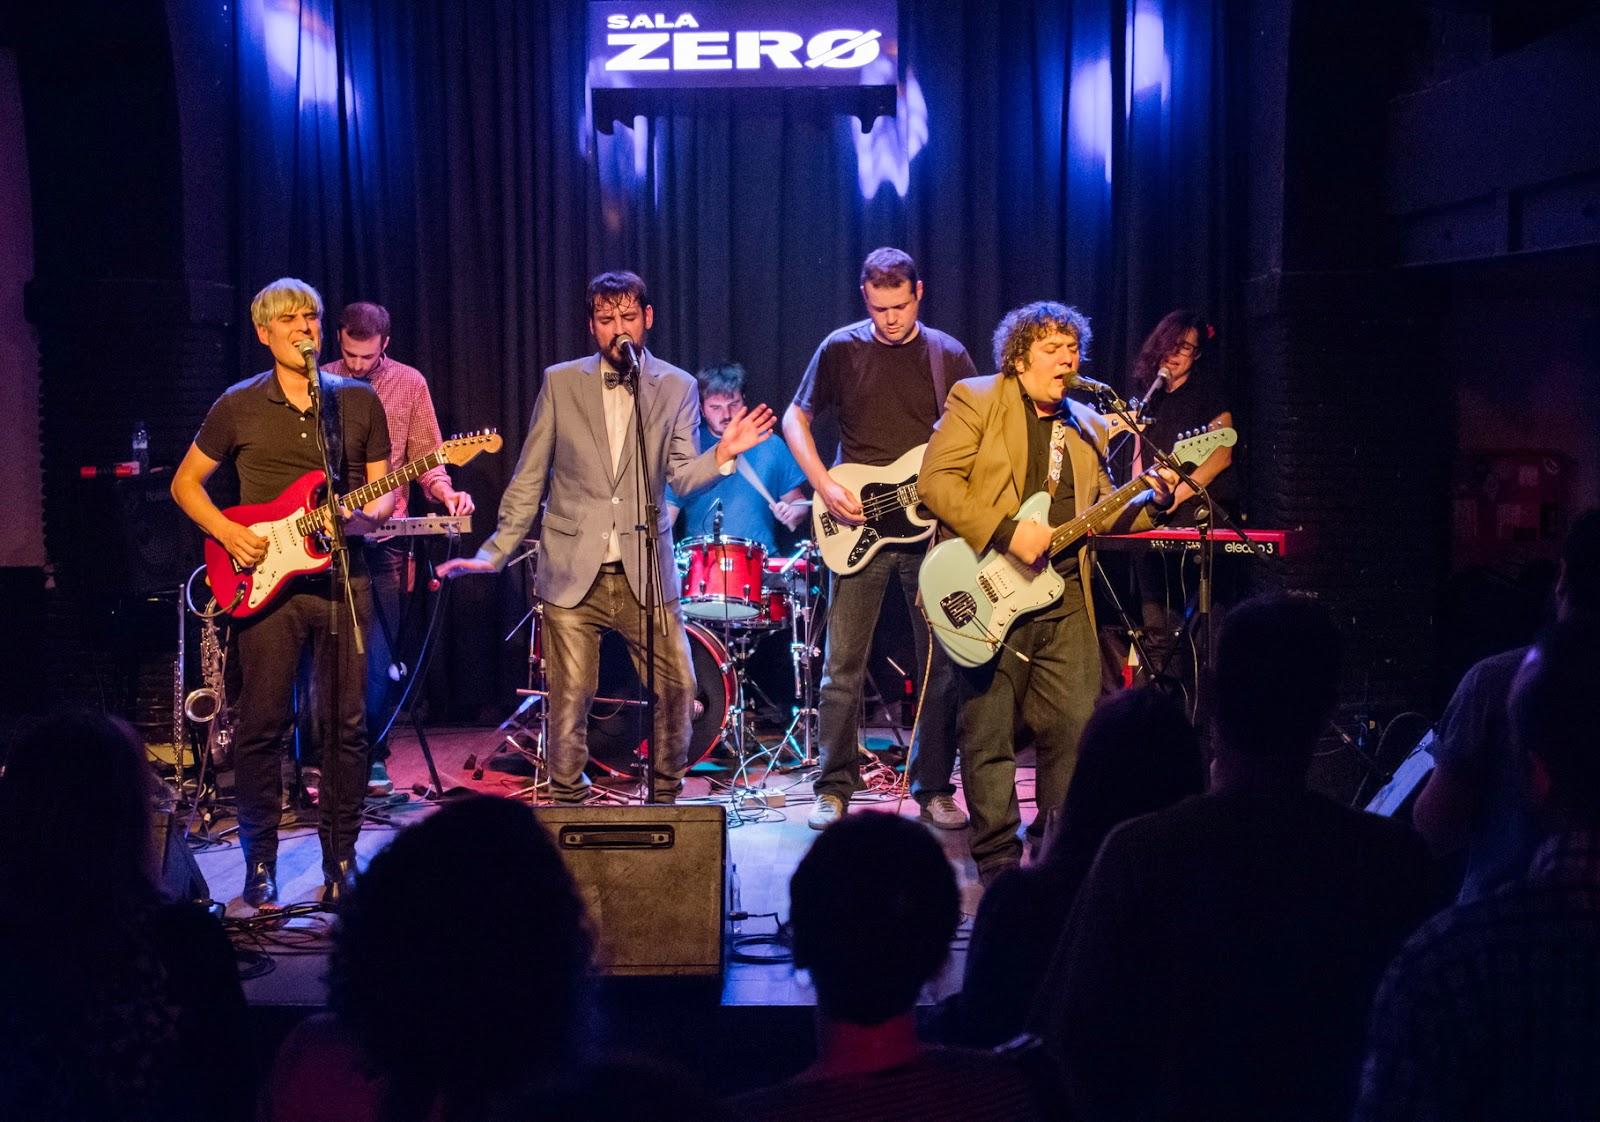 Cr nica la banda municipal del polo norte sala zero for Sala 0 tarragona